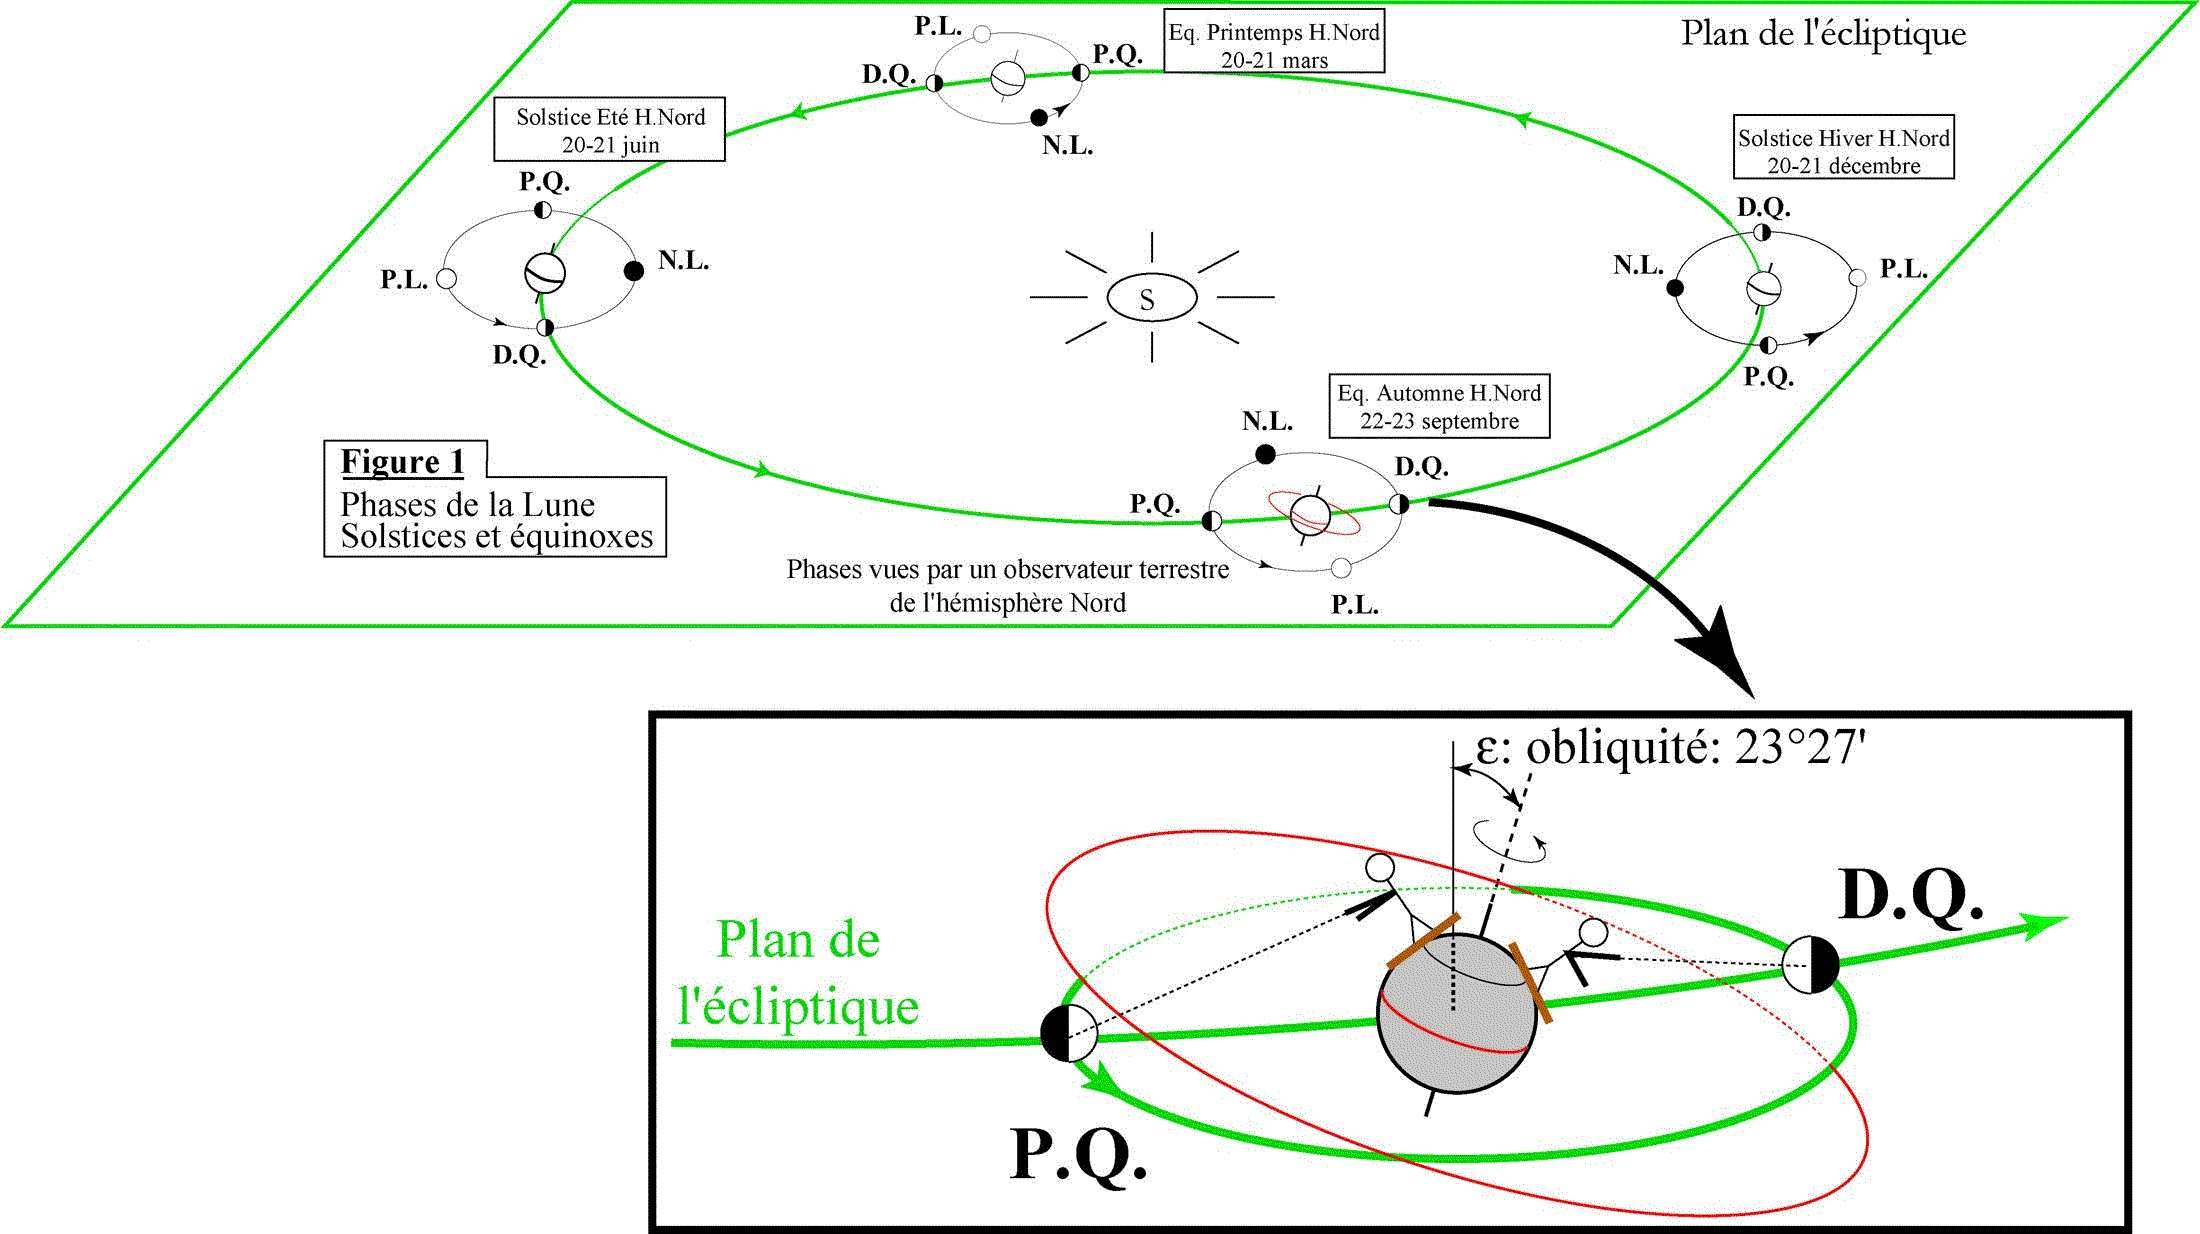 Phases de la Lune aux solstices et équinoxes. Gros plan sur l'équinoxe d'automne pour un observateur de l'hémisphère Nord.